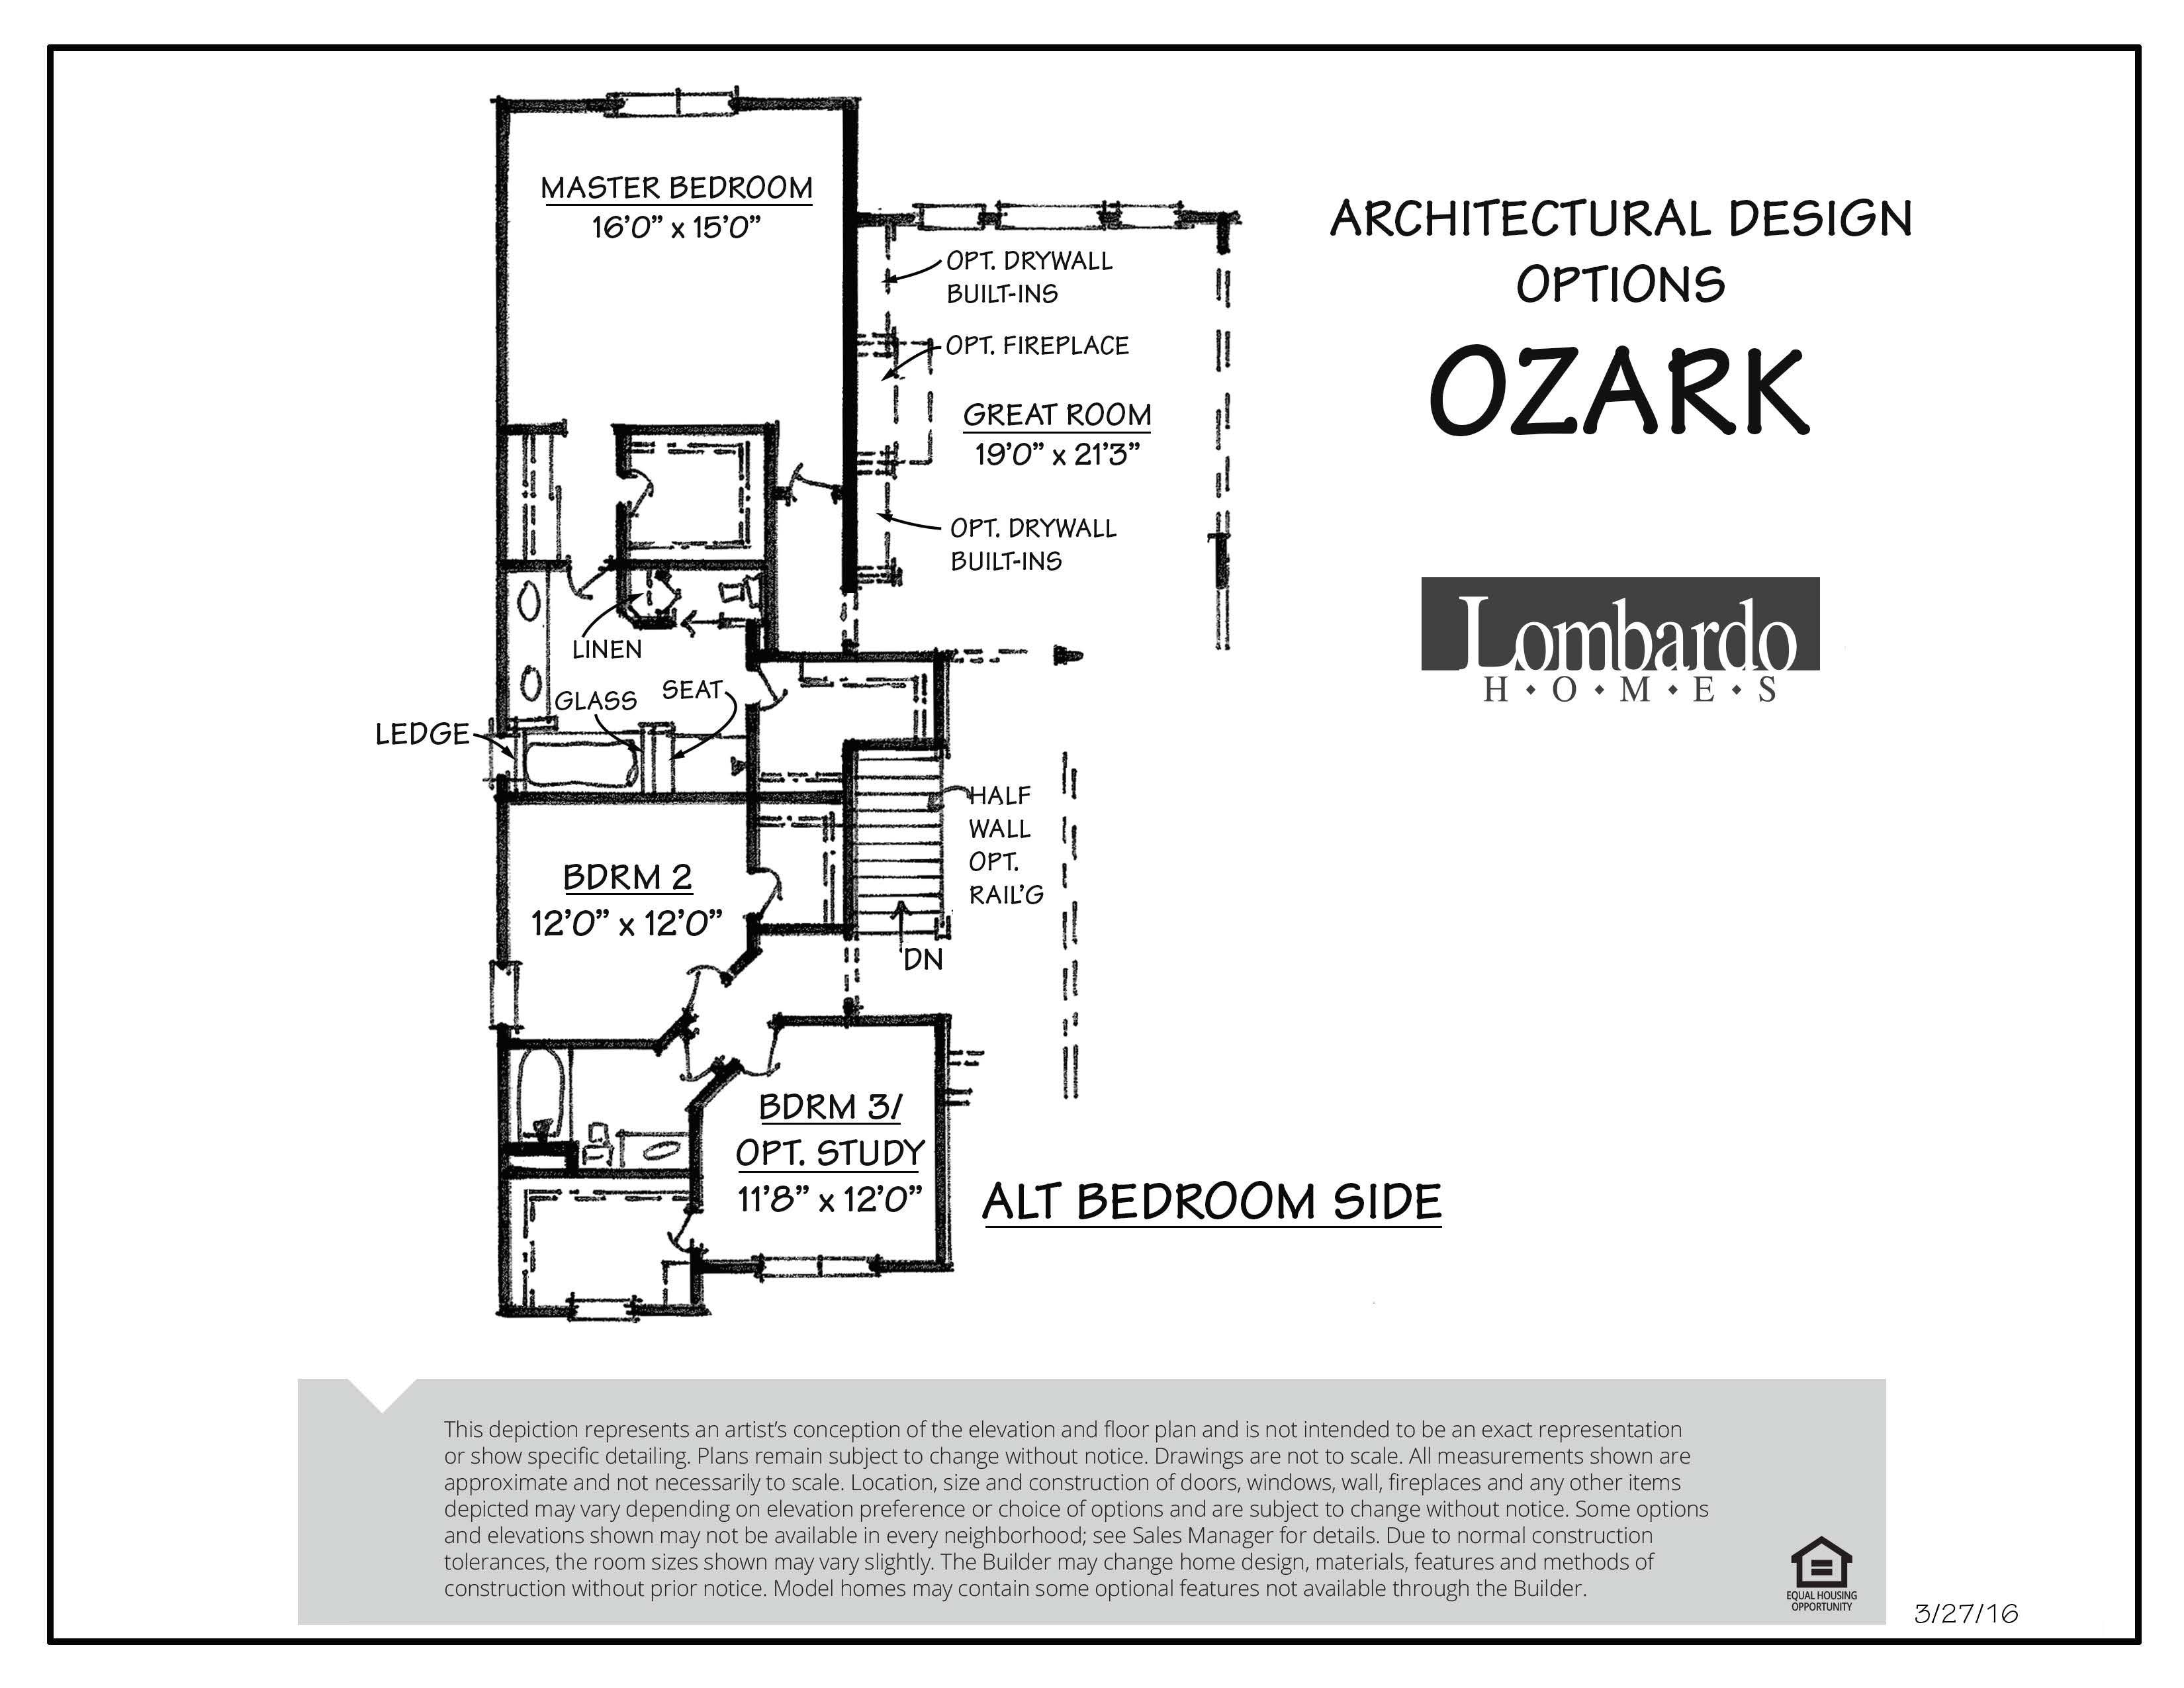 ADO Ozark Alt Bedroom Side